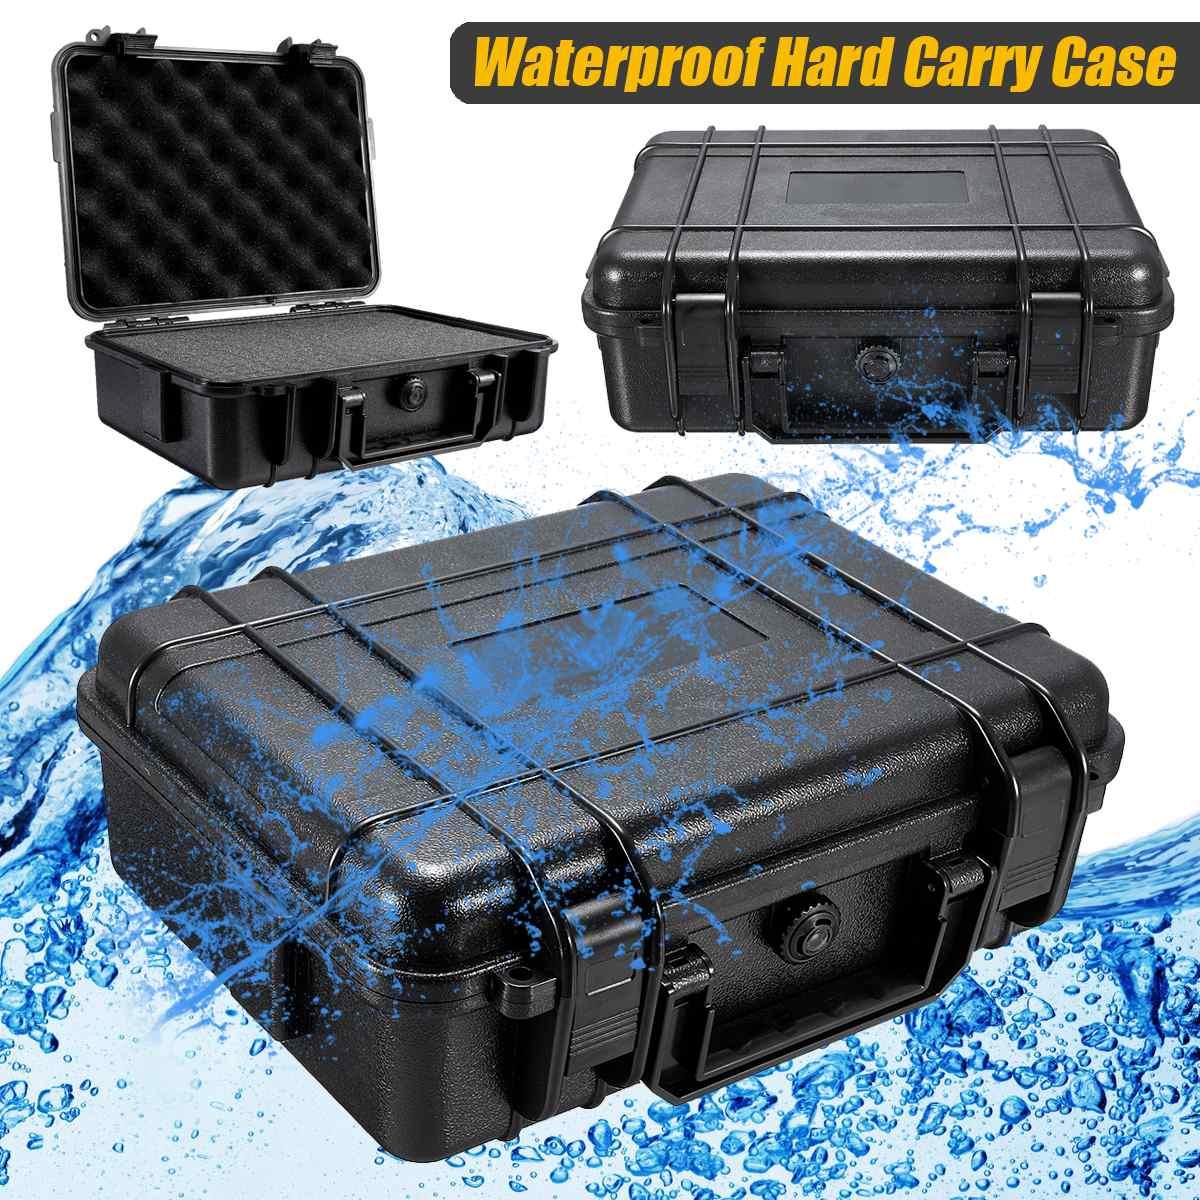 5 tamaños impermeable estuche de transporte duro kit de herramientas con caja de almacenamiento de esponja Protector de seguridad organizador Caja de Herramientas